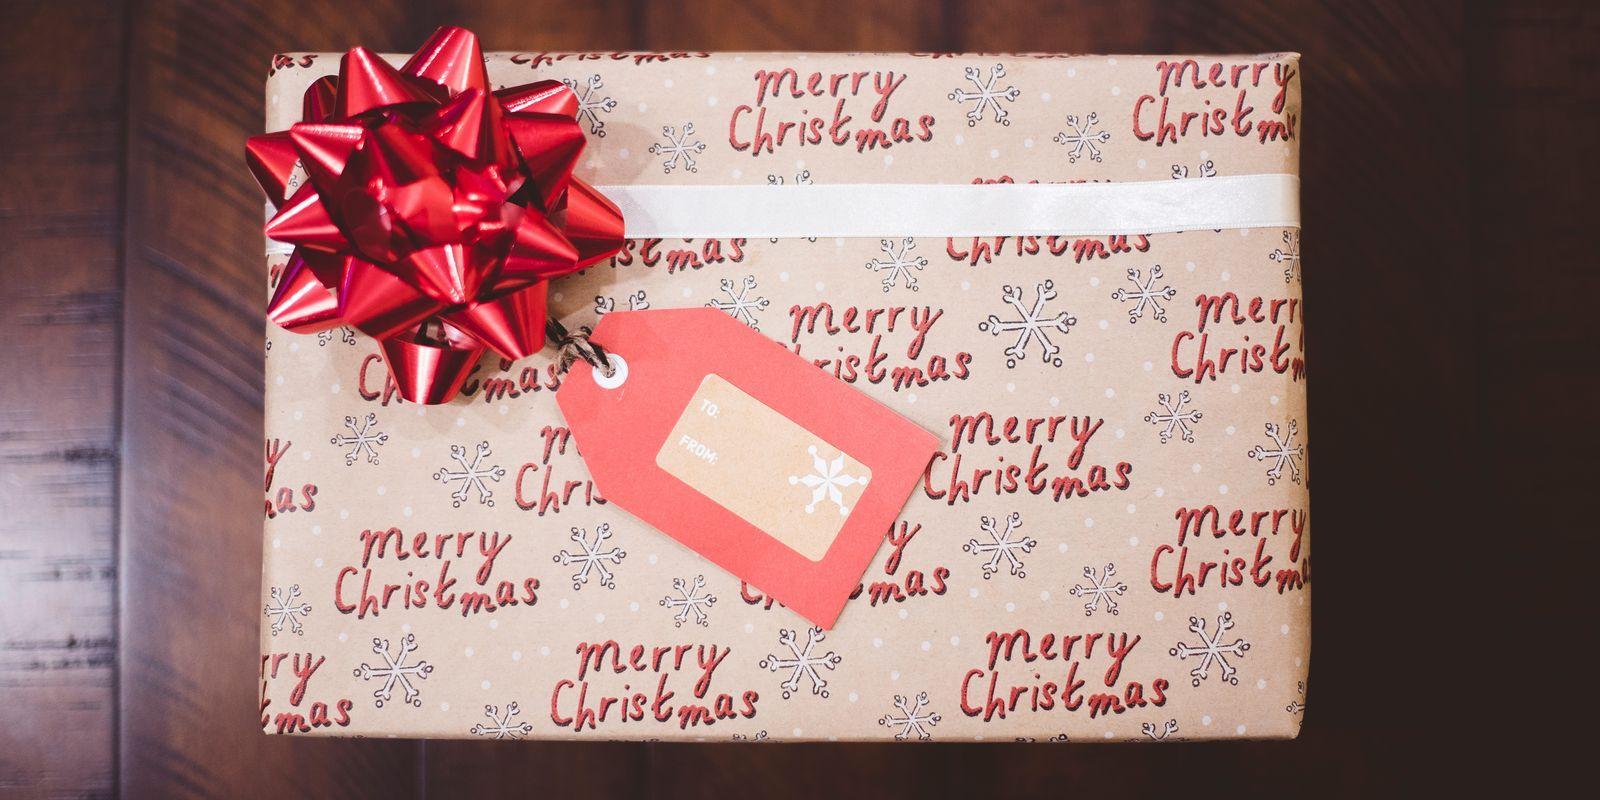 Čím potěšit své blízké? Vánočními sety!